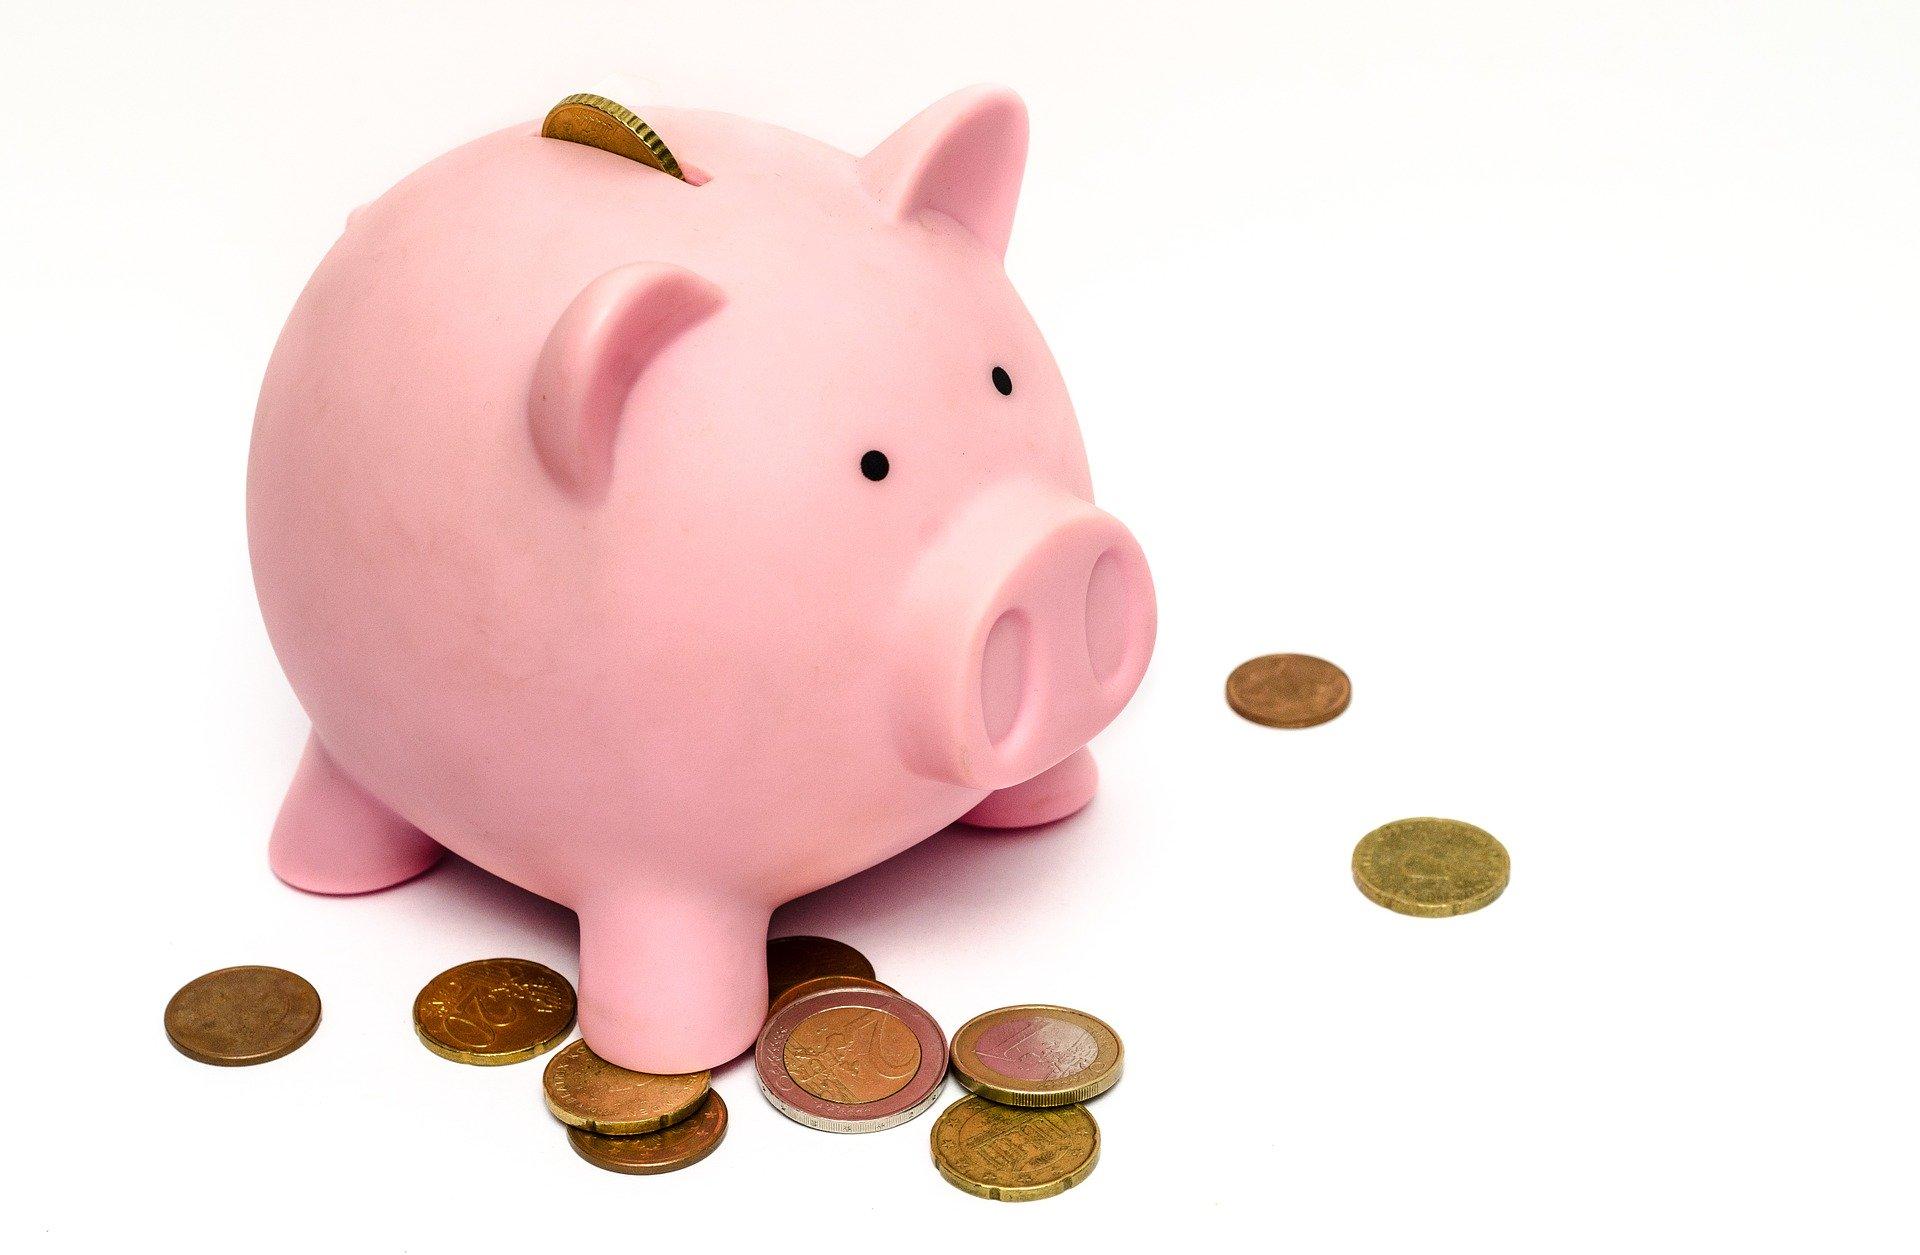 piggy-bank-970340_1920